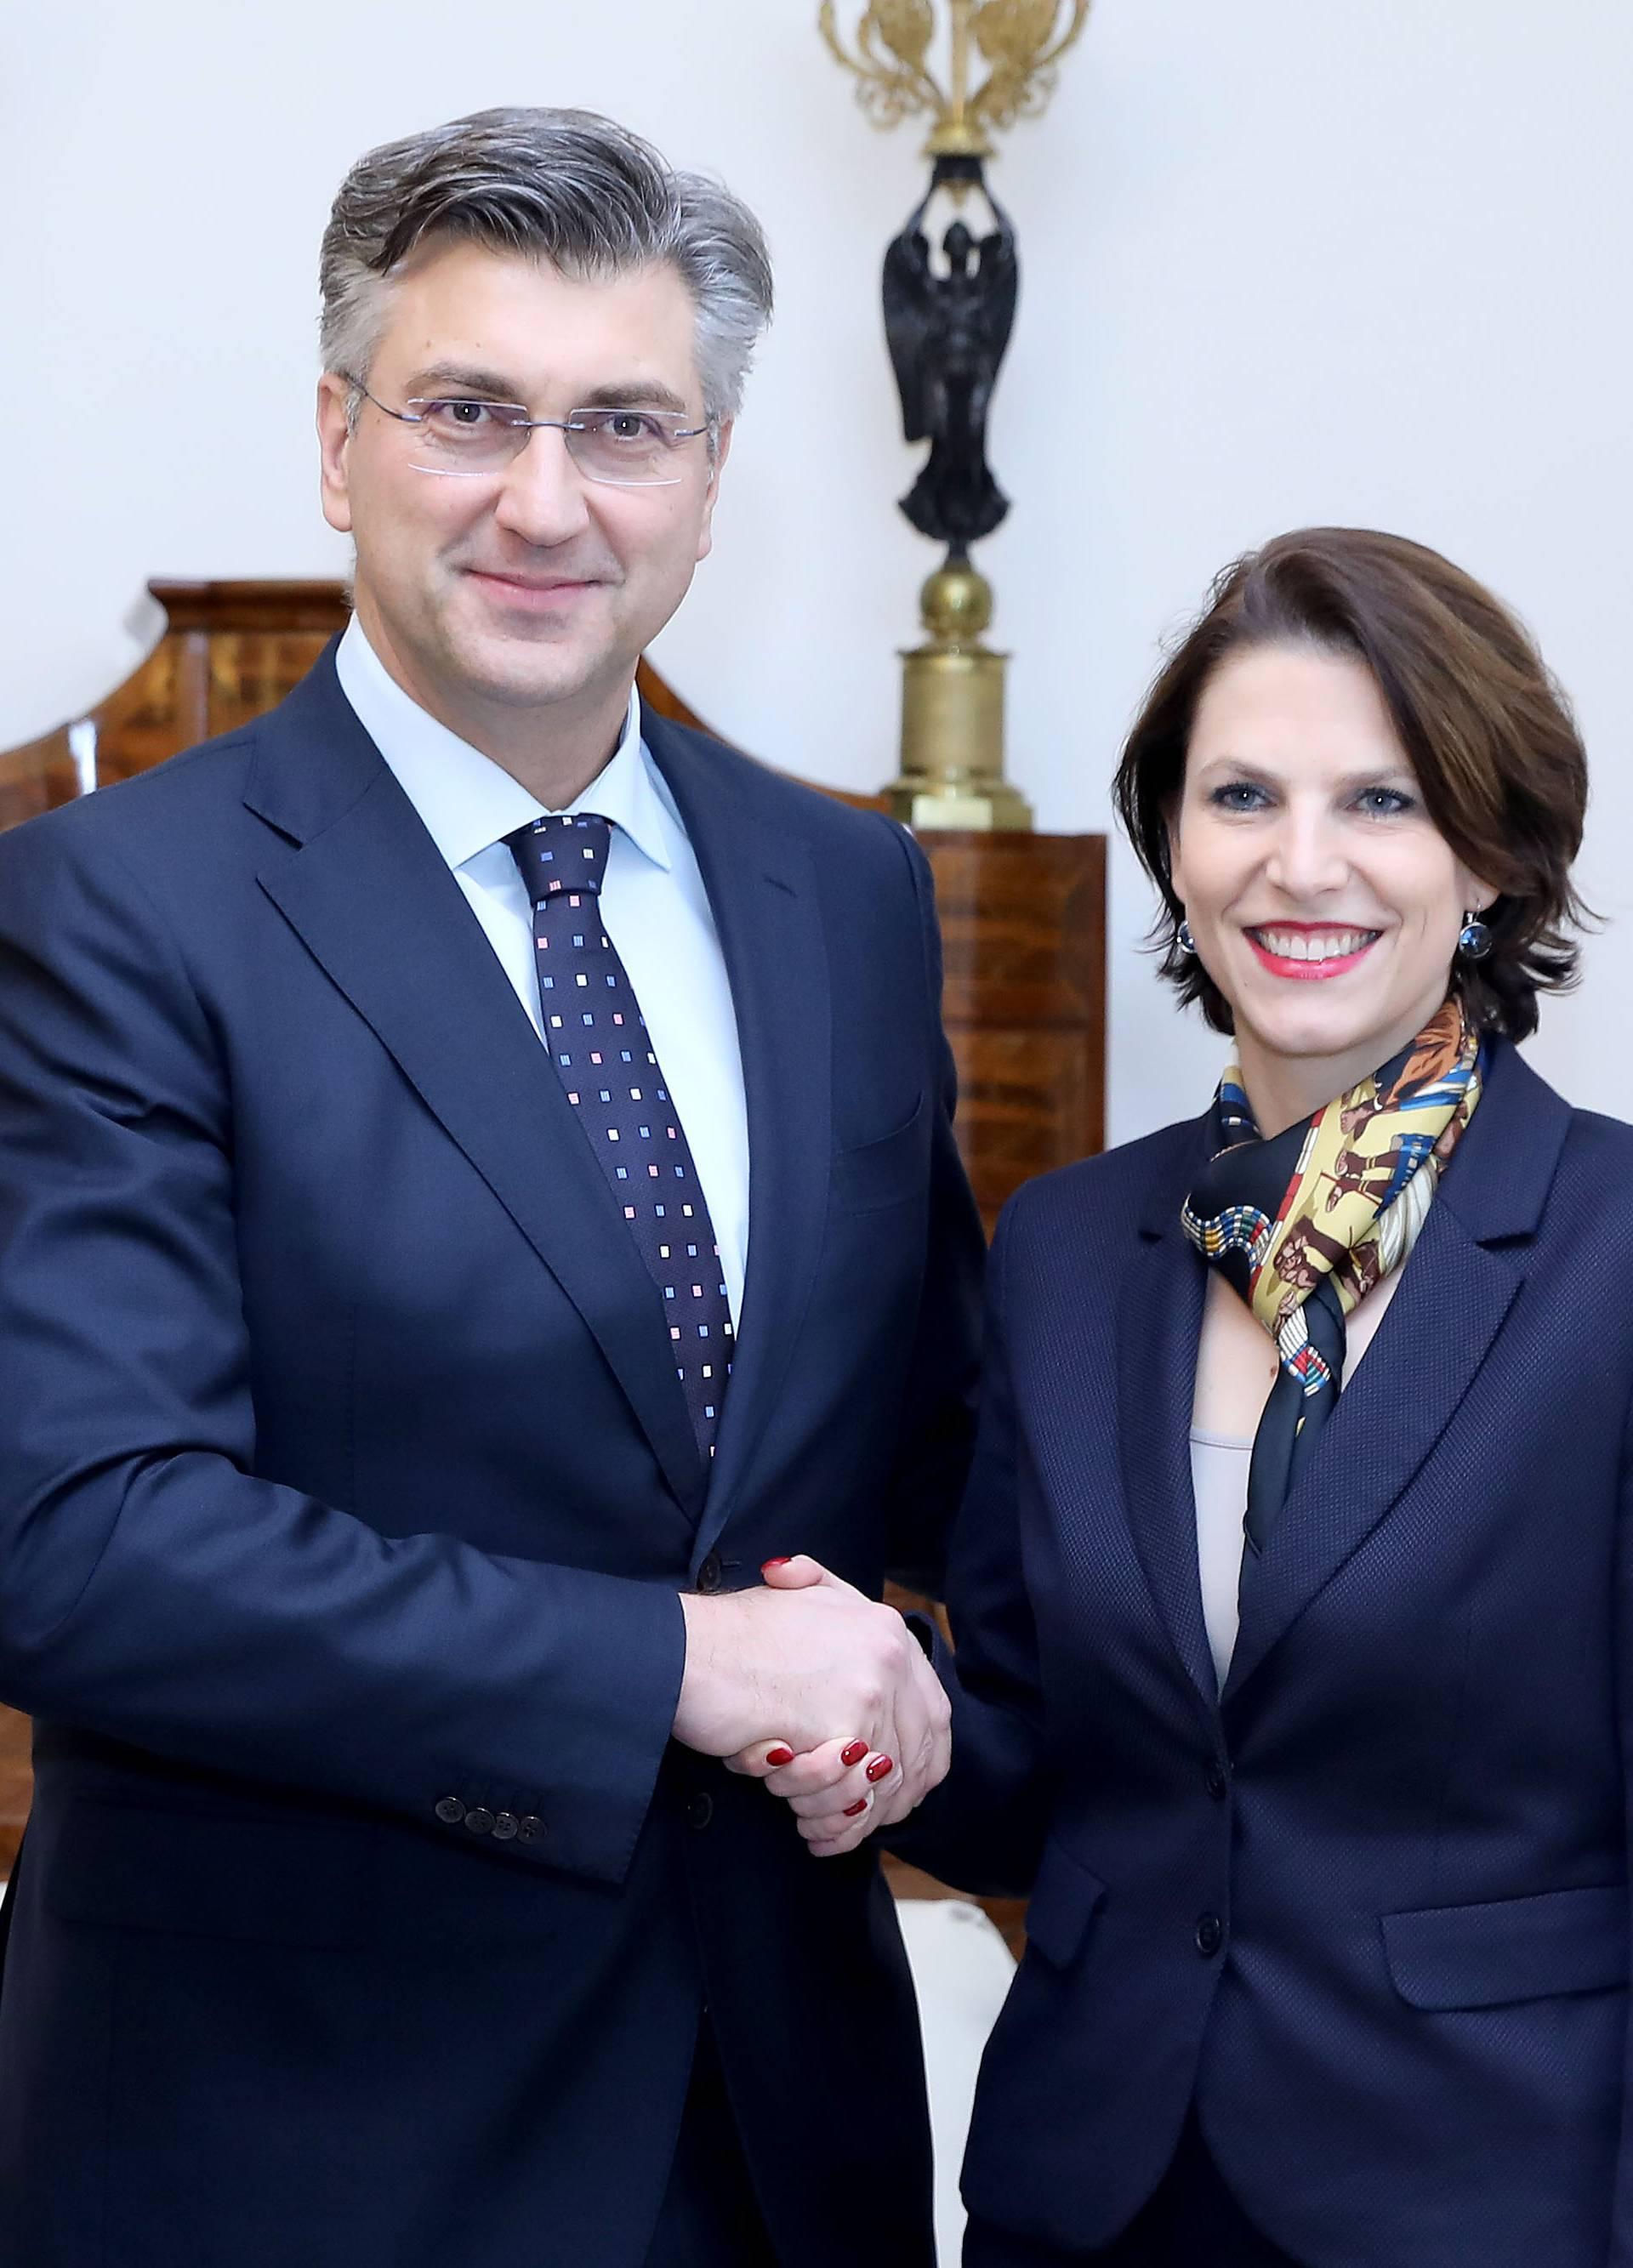 Zagreb: Plenković primio Karoline Edtstadler, saveznu ministricu za europske poslove Republike Austrije